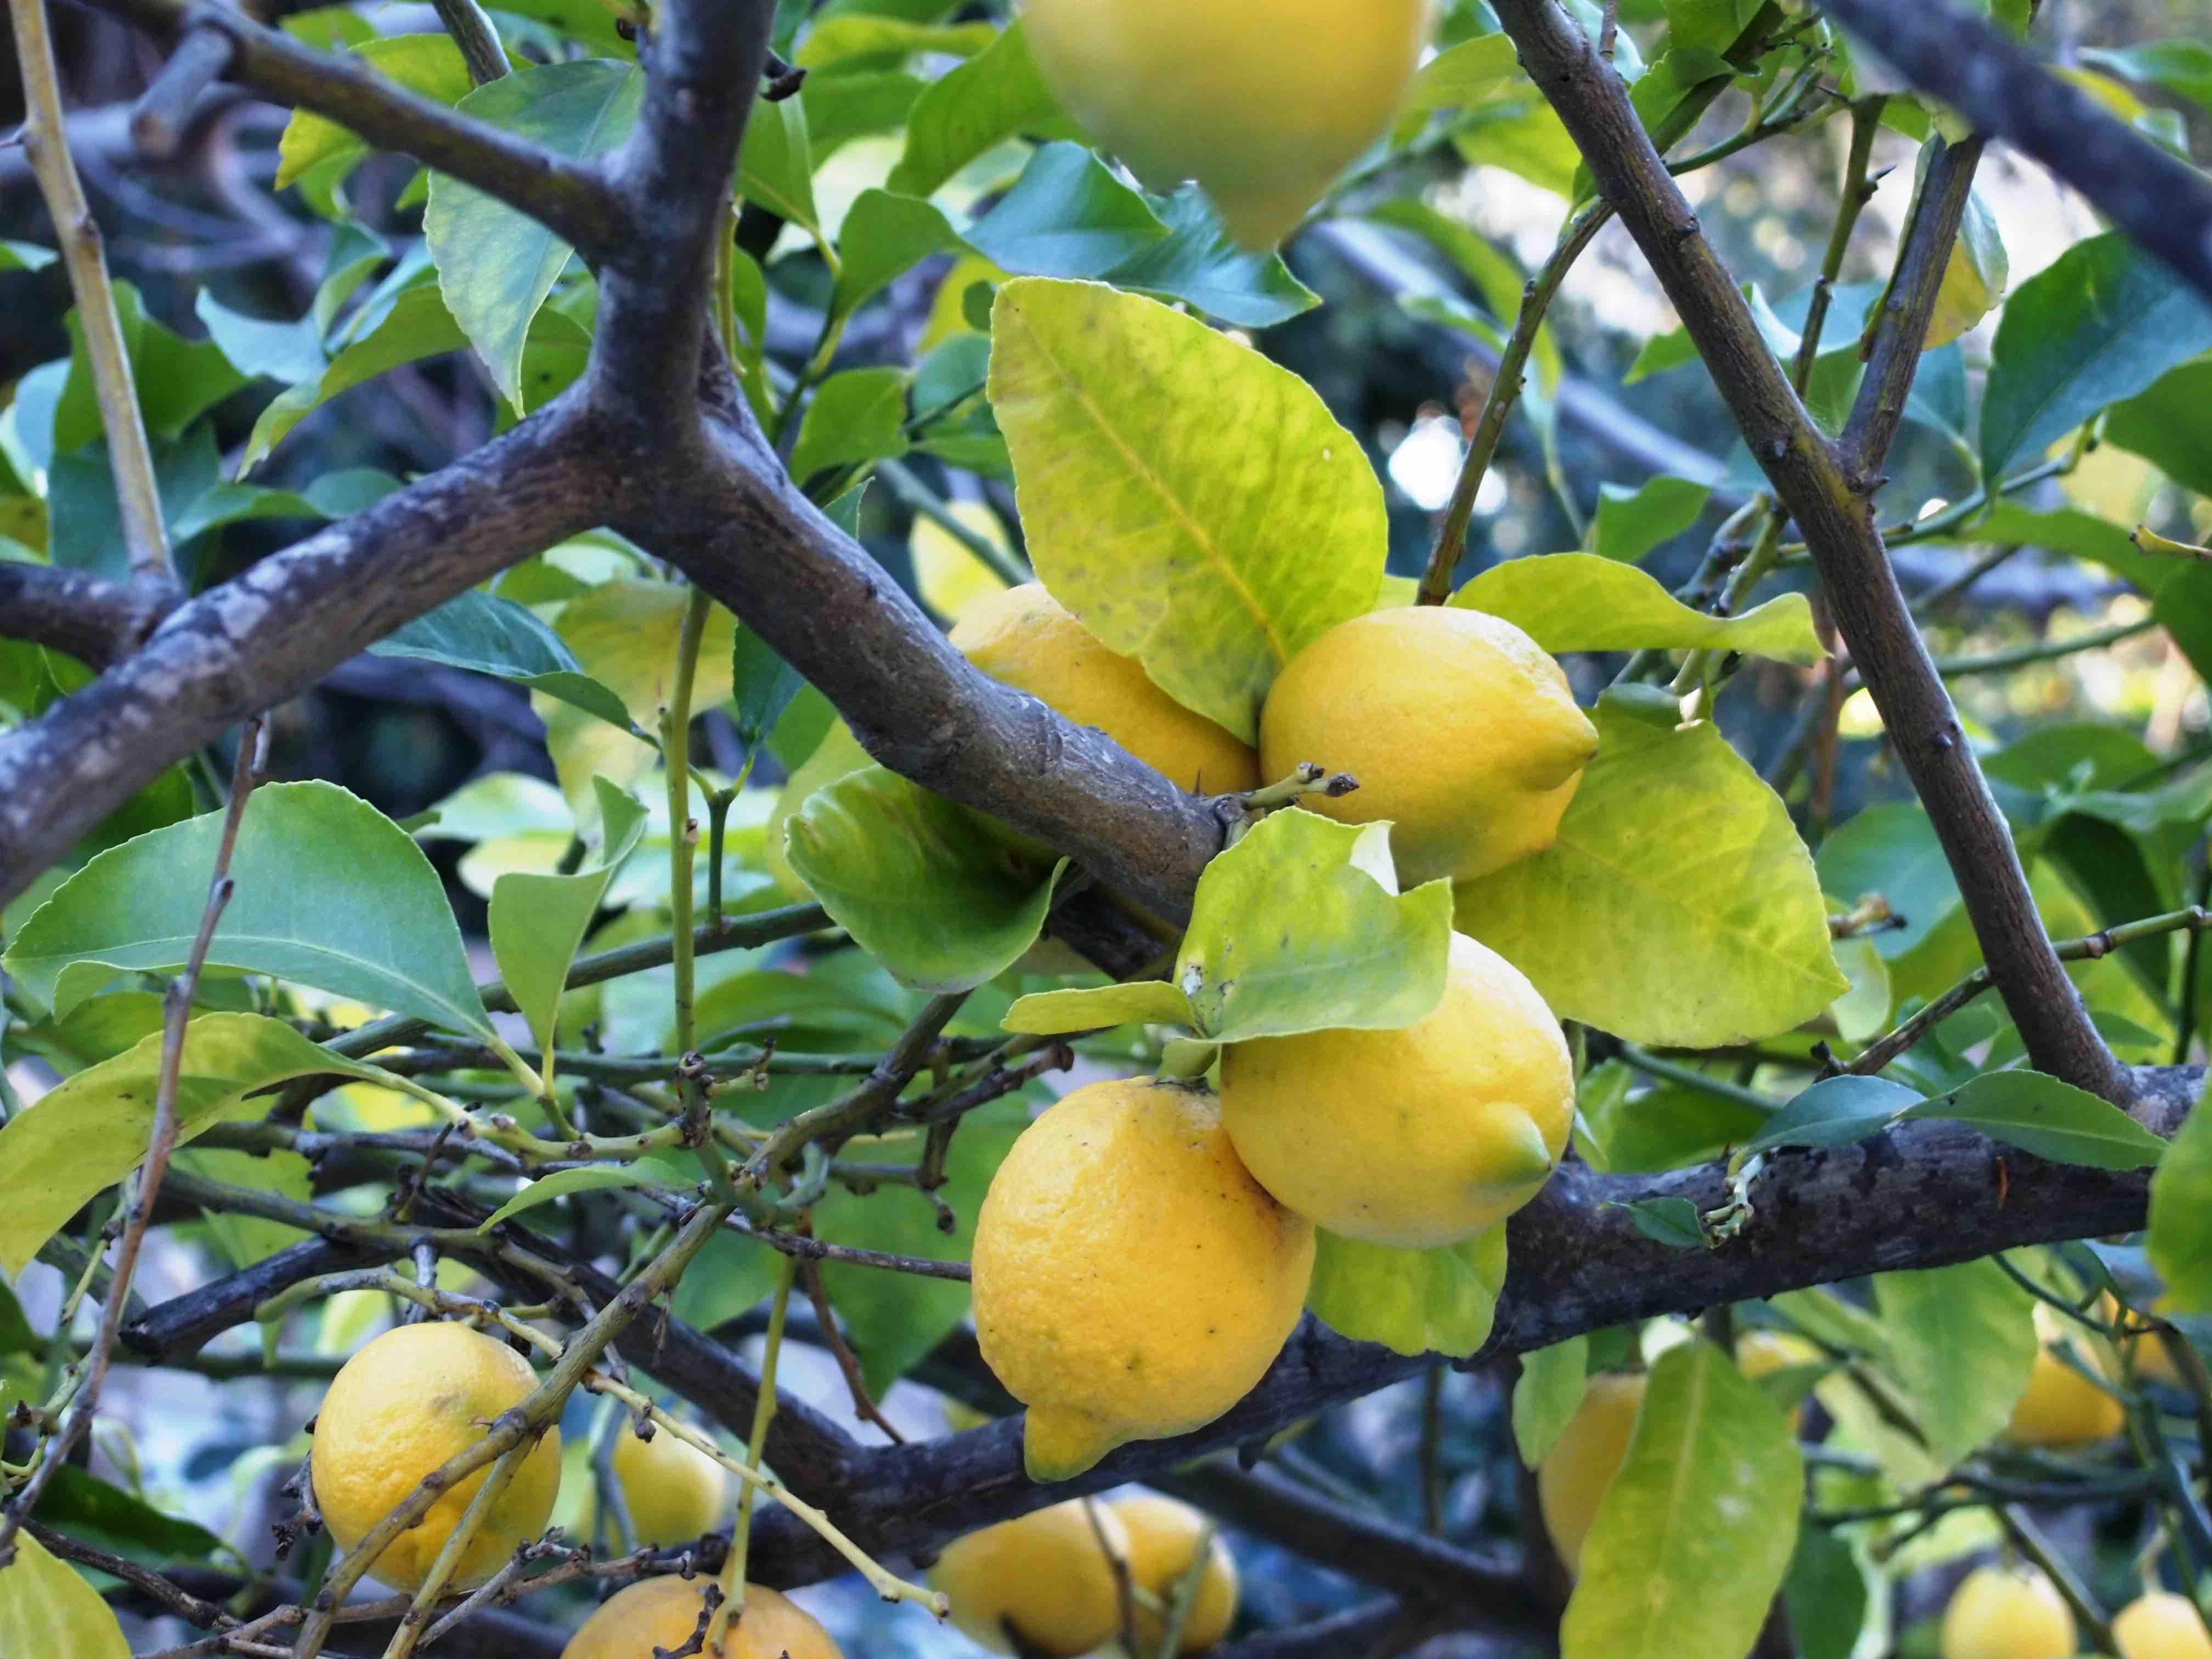 ENERO 2018 Usos medicinals i culinaris de les plantes que tenim al hivern en el nostre entorn